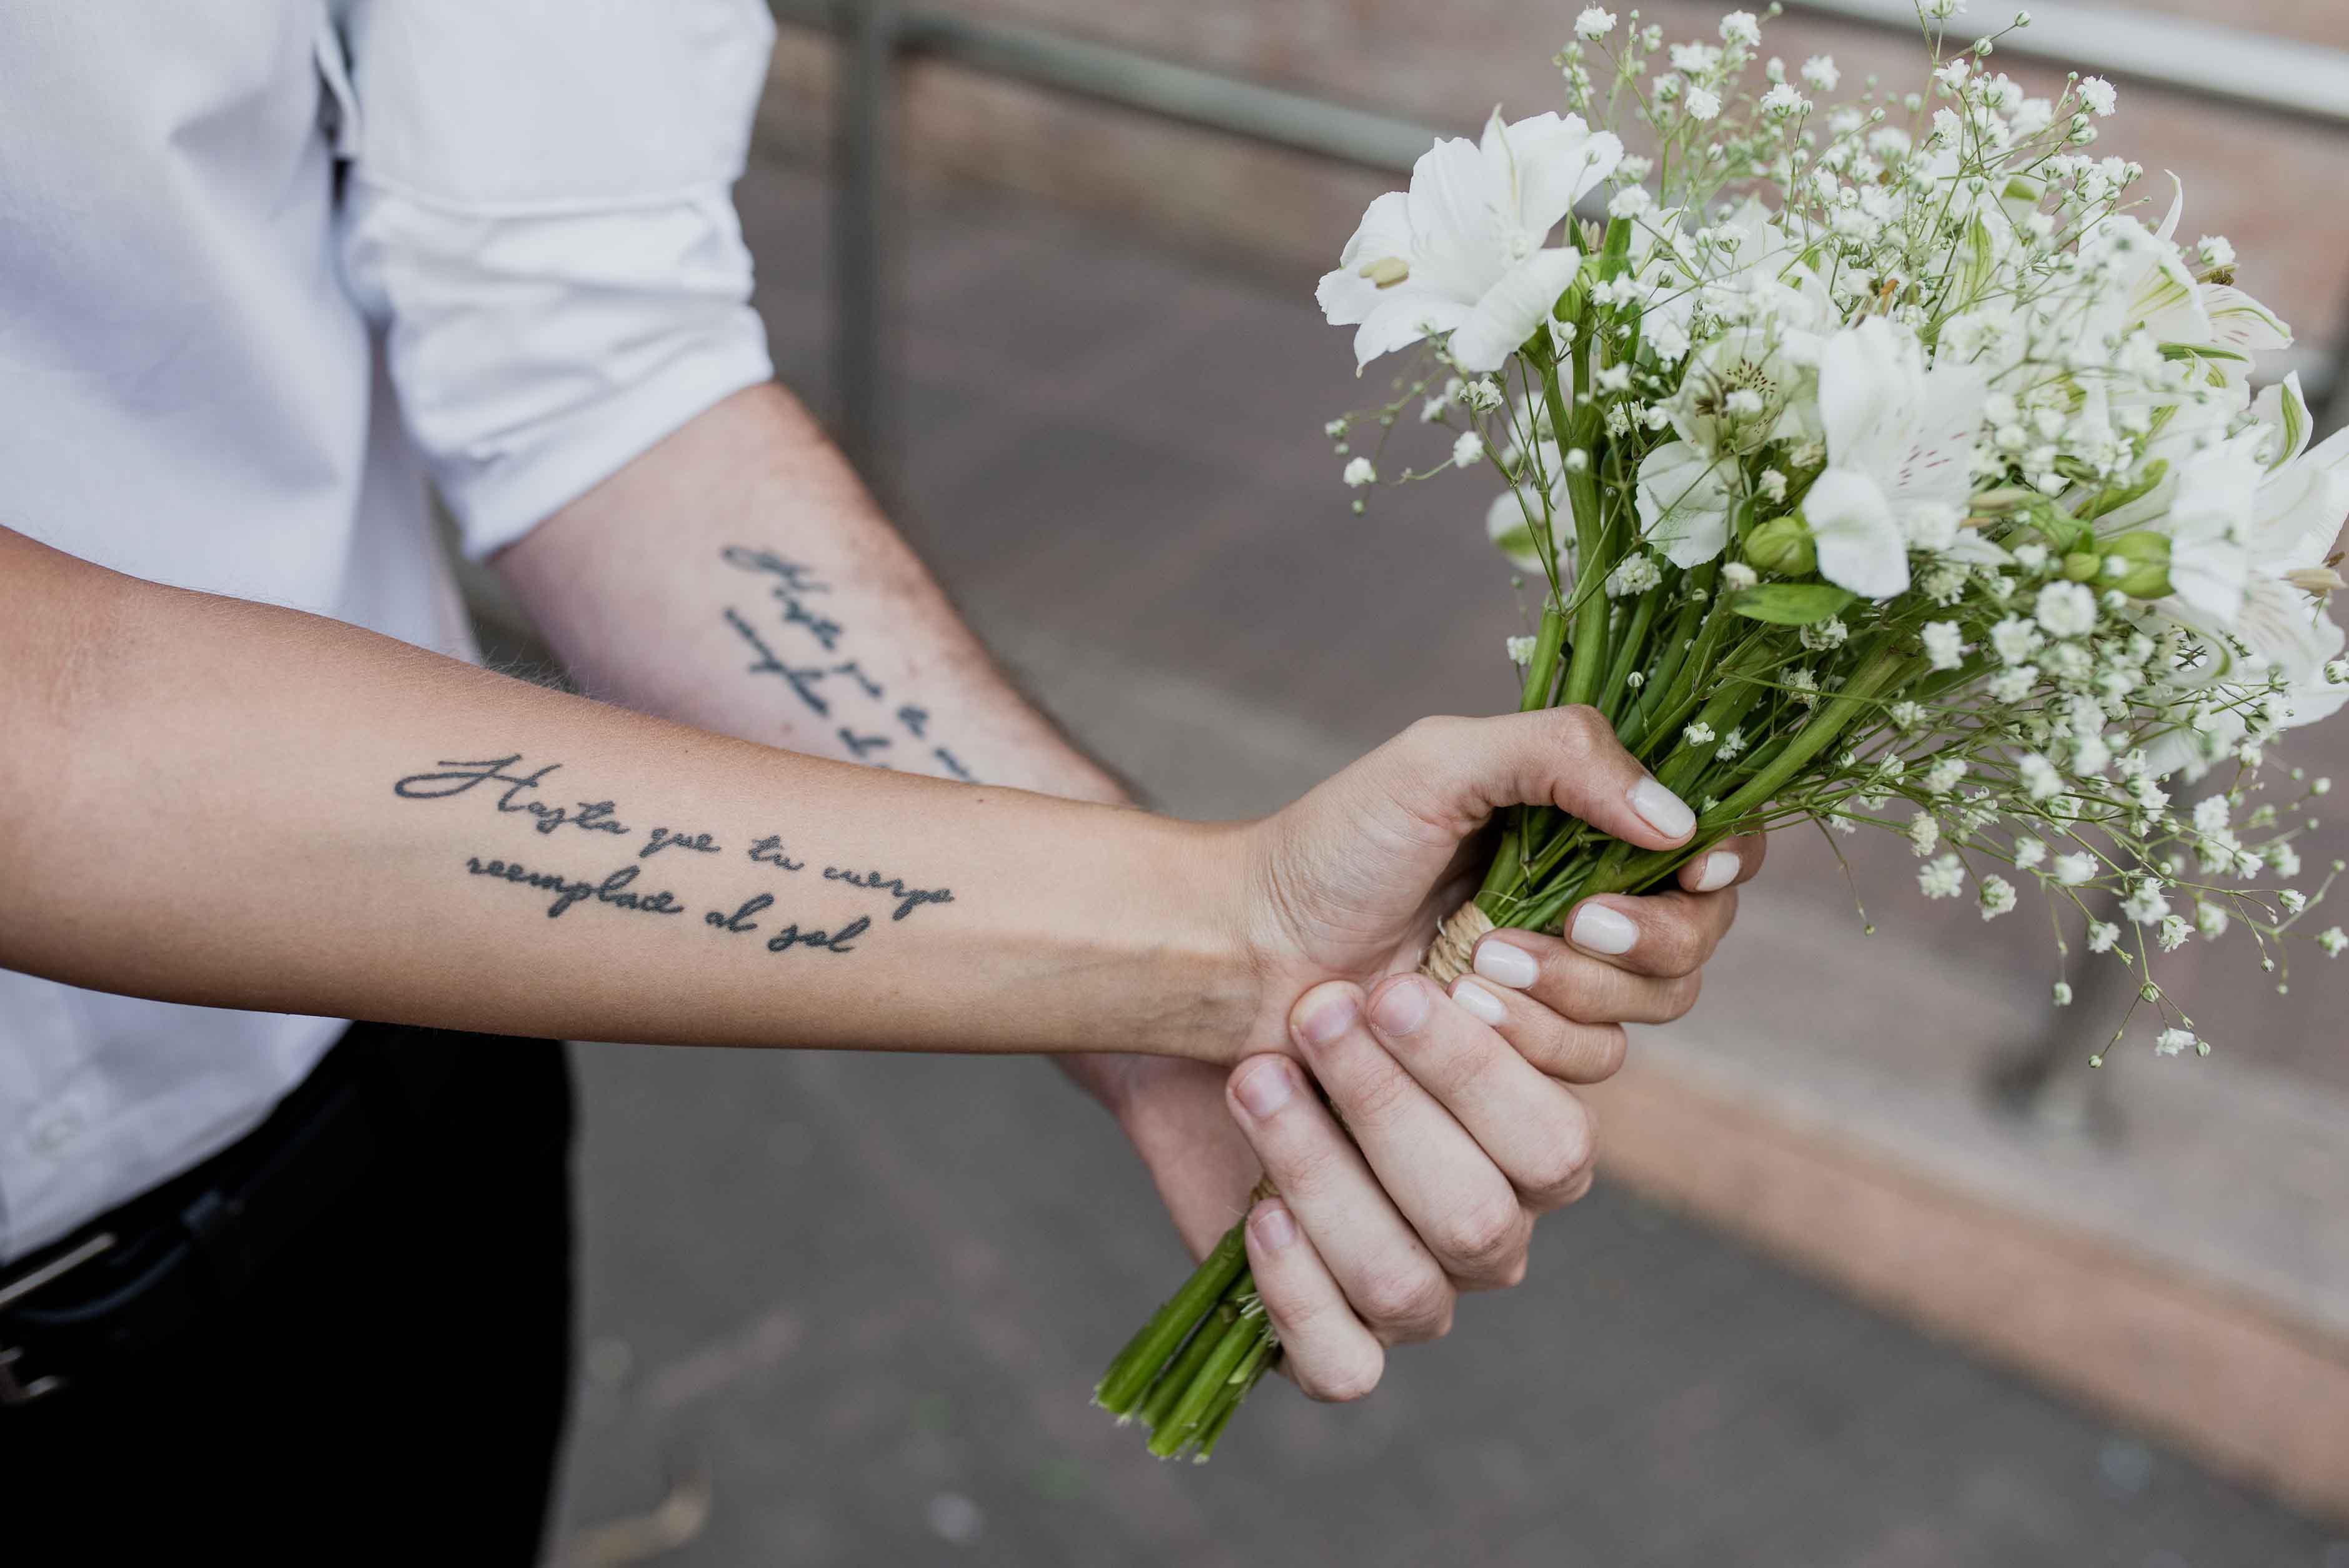 Fotos de la boda de Nay y Jota en Rosario realizadas por Bucle Fotografias Flor Bosio y Caro Clerici